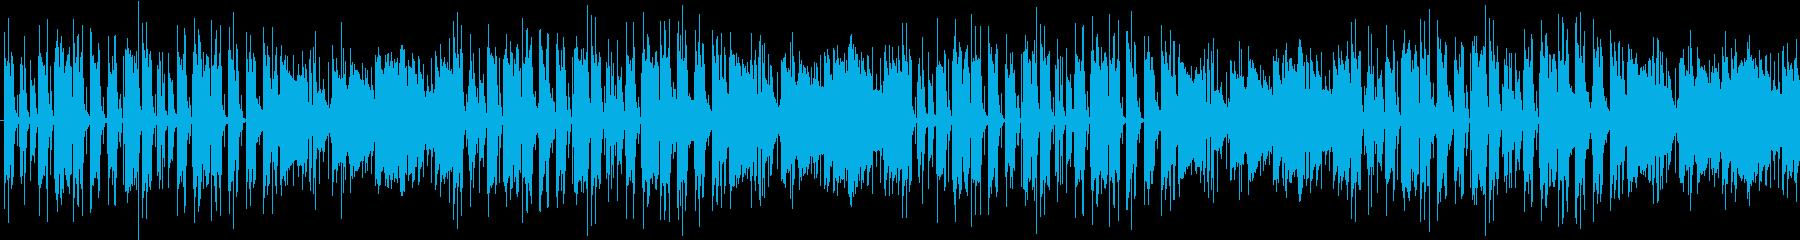 梅雨をイメージにBGM用に製作した曲ですの再生済みの波形